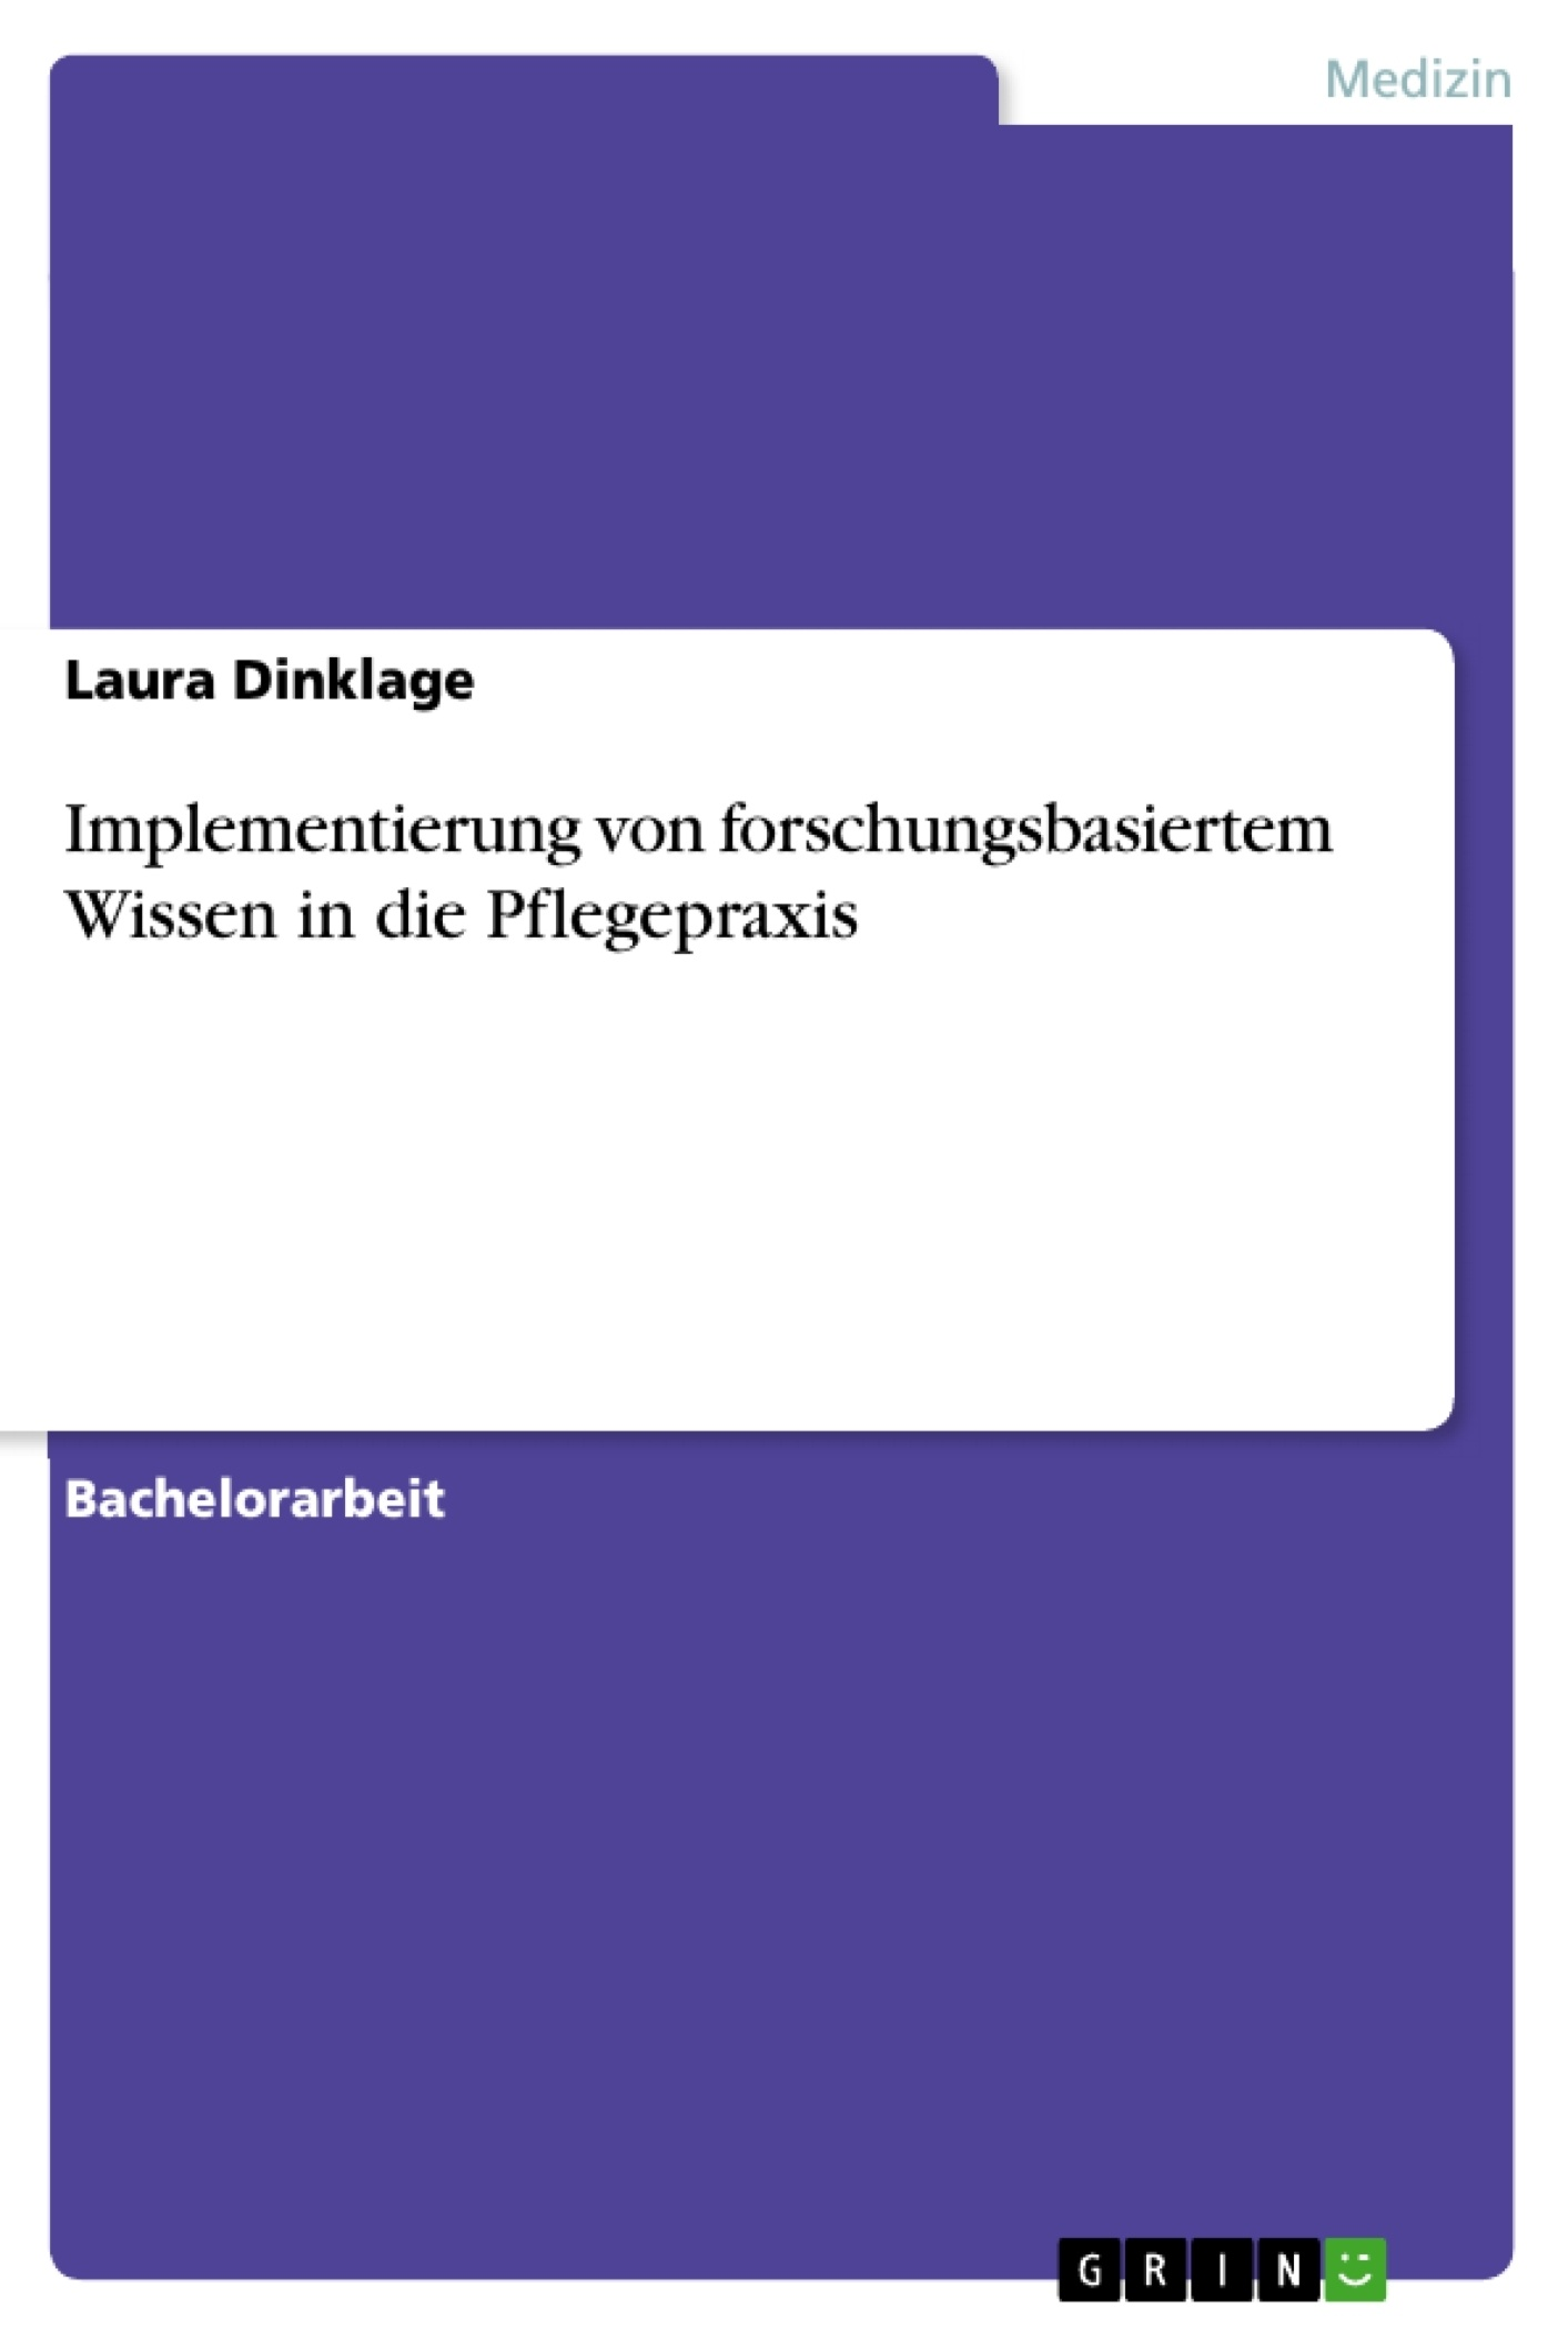 Titel: Implementierung von forschungsbasiertem Wissen in die Pflegepraxis